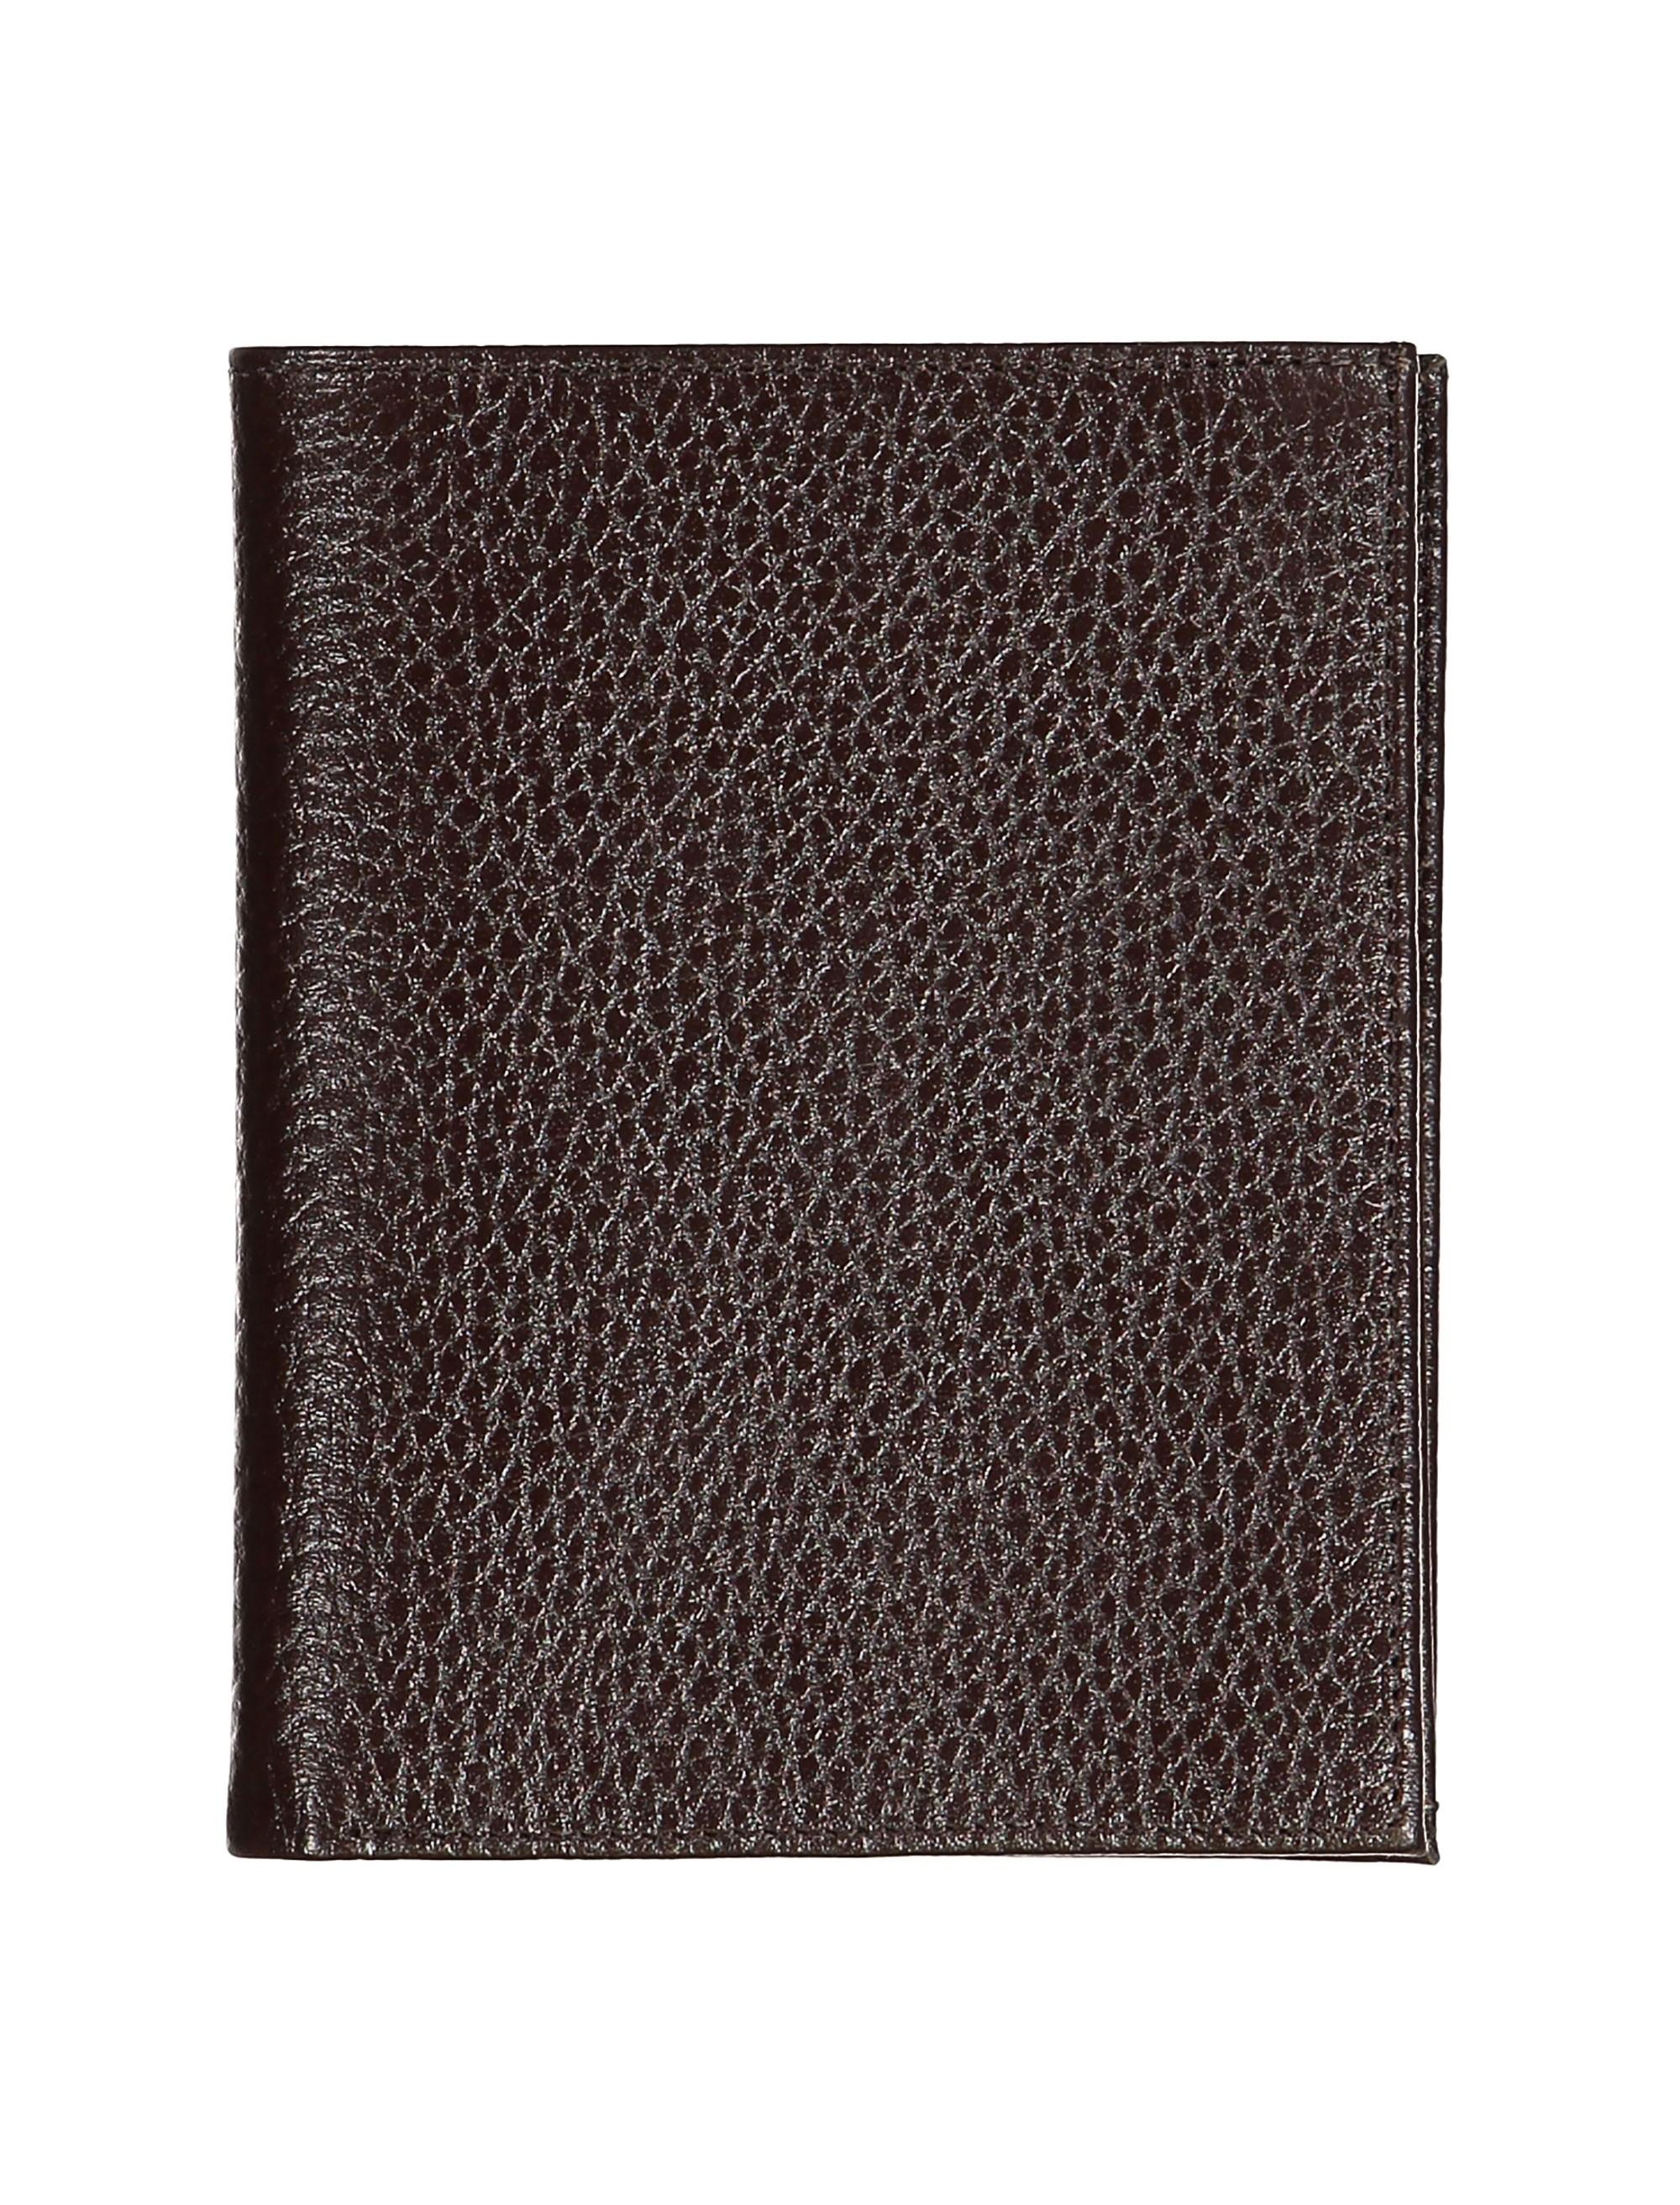 کیف پول چرم کتابی مردانه - چرم مشهد - قهوه اي - 2